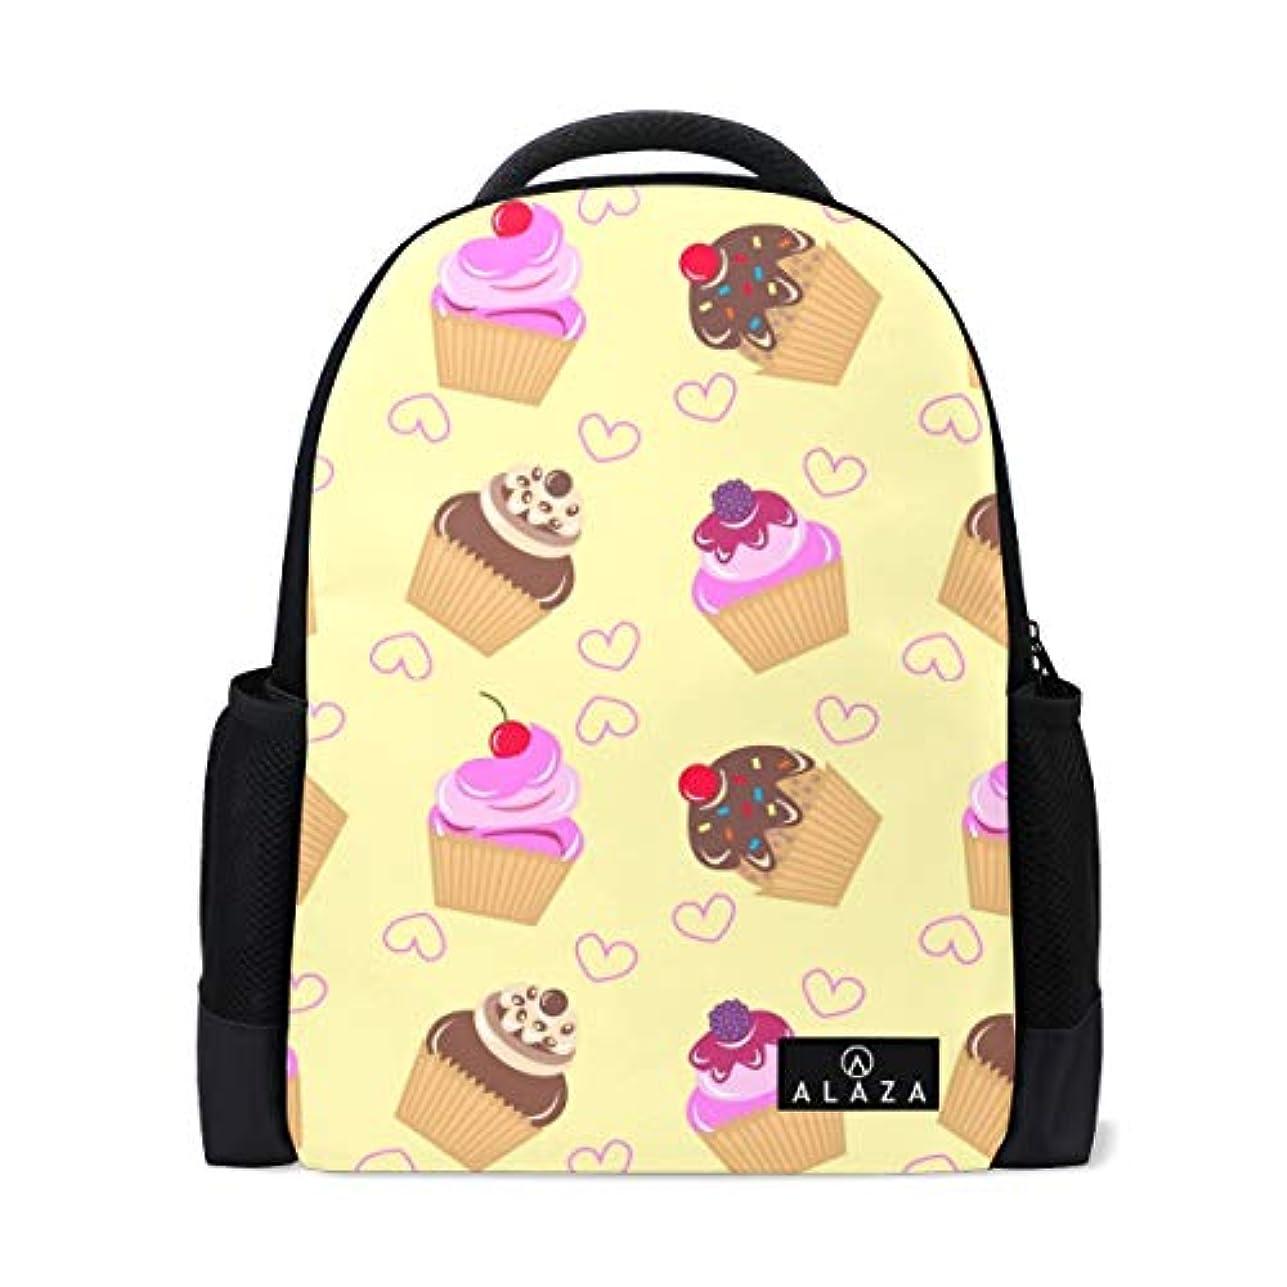 モチーフ吸うとして旅立の店 リュックサック バックパック ケーキ 黄色 ポリエステル+メッシュ ファッション 通勤 通学